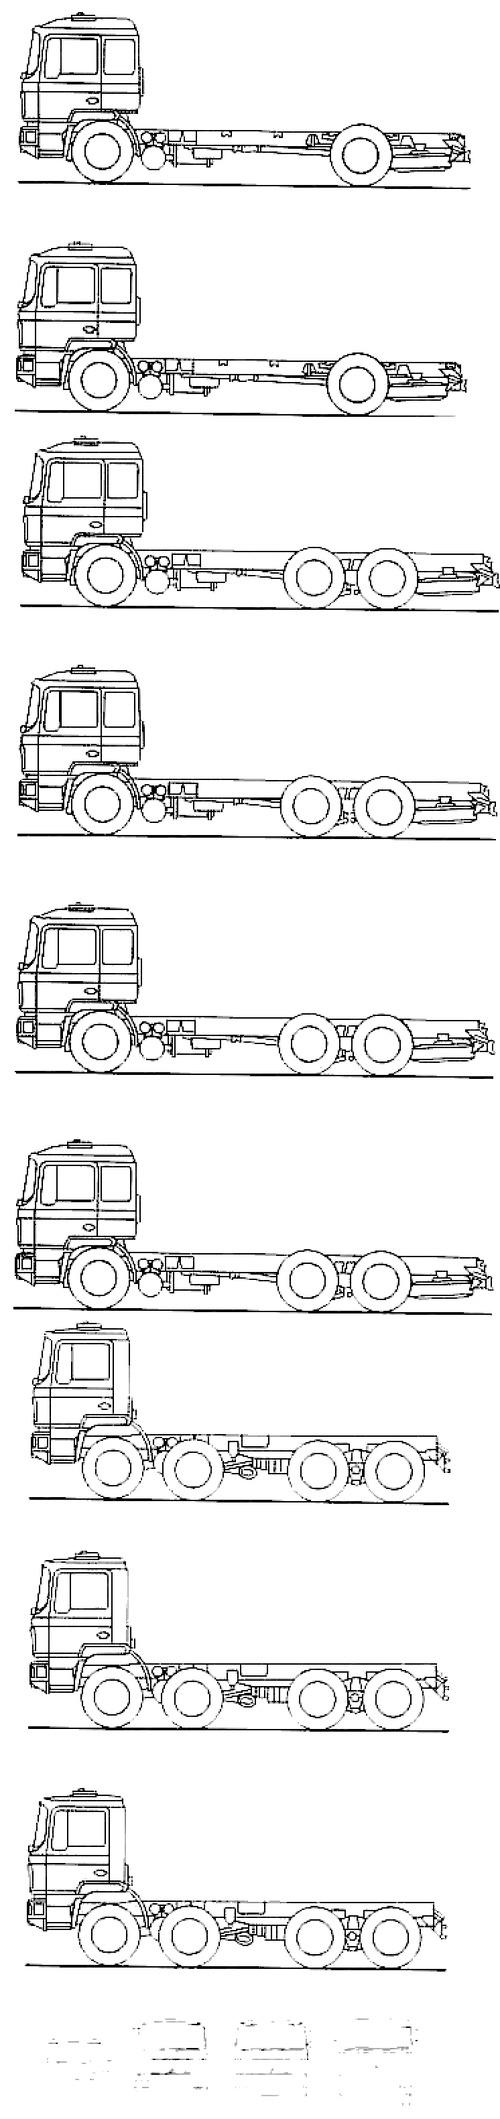 MAN F90 (1986)